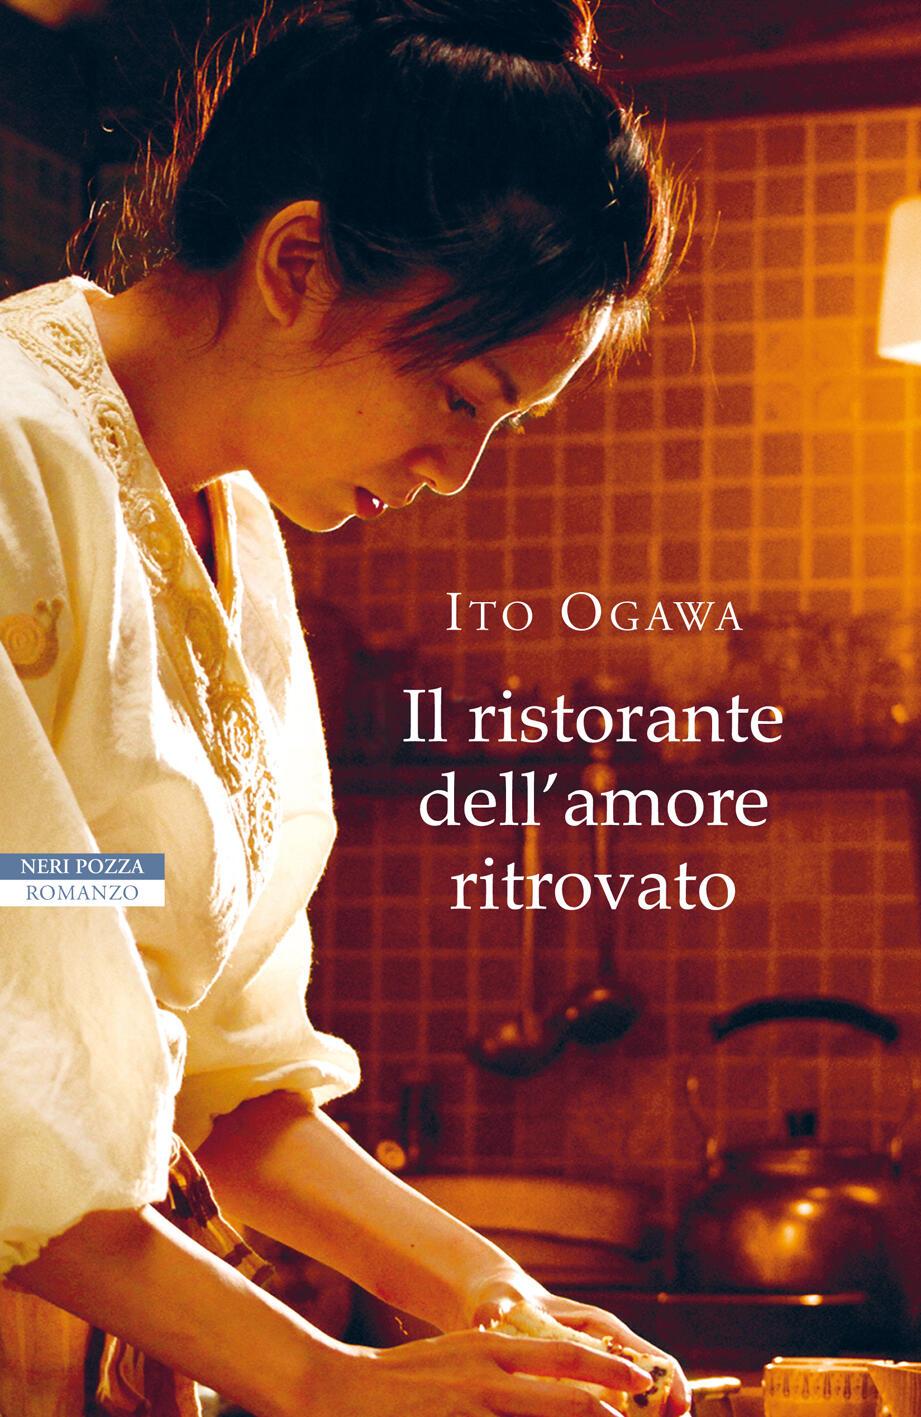 Ristorante dell 39 amore ritrovato ogawa ito ebook - La locanda degli amori diversi ...